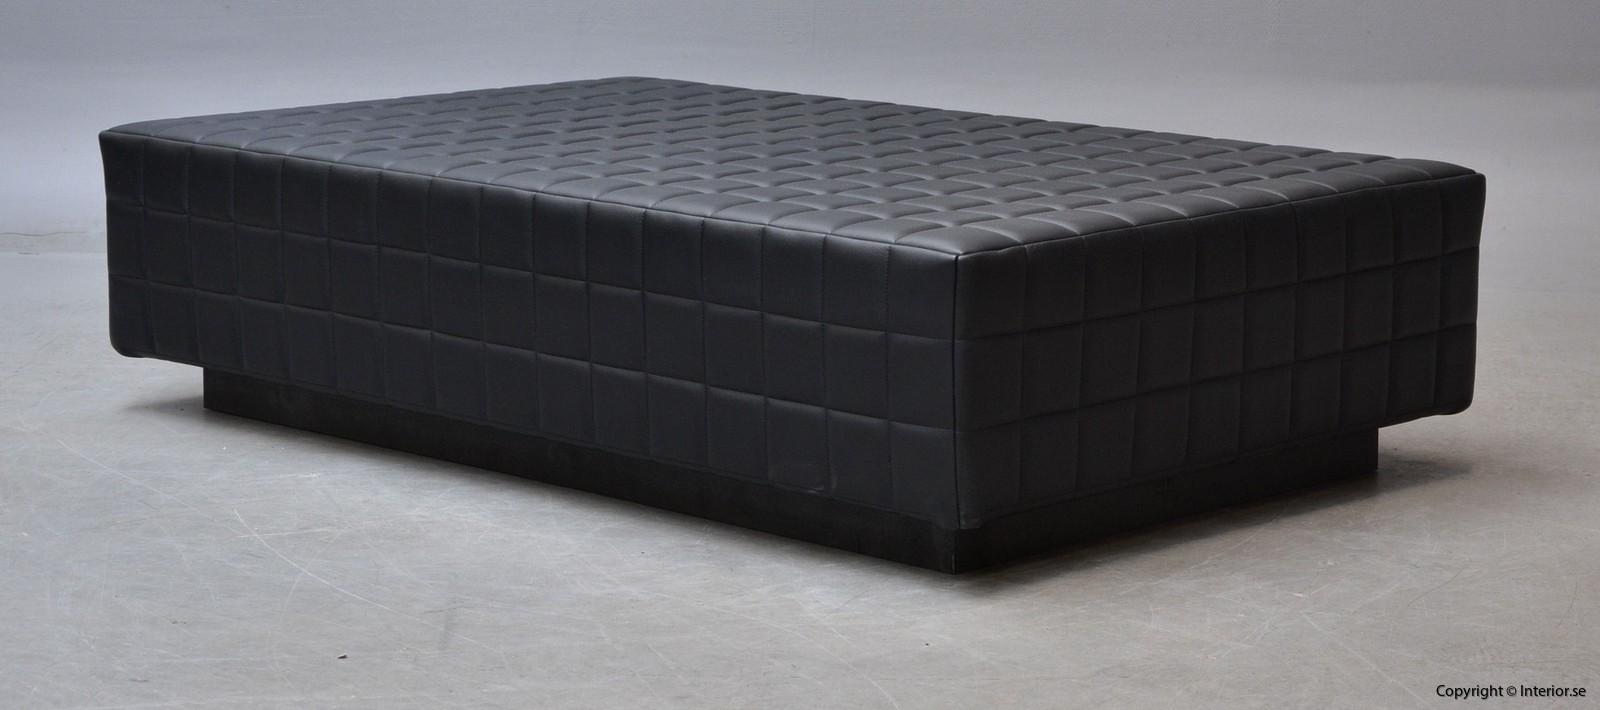 Dagsbädd i mingel svart läder hyra designmöbler begagande stockholm 5